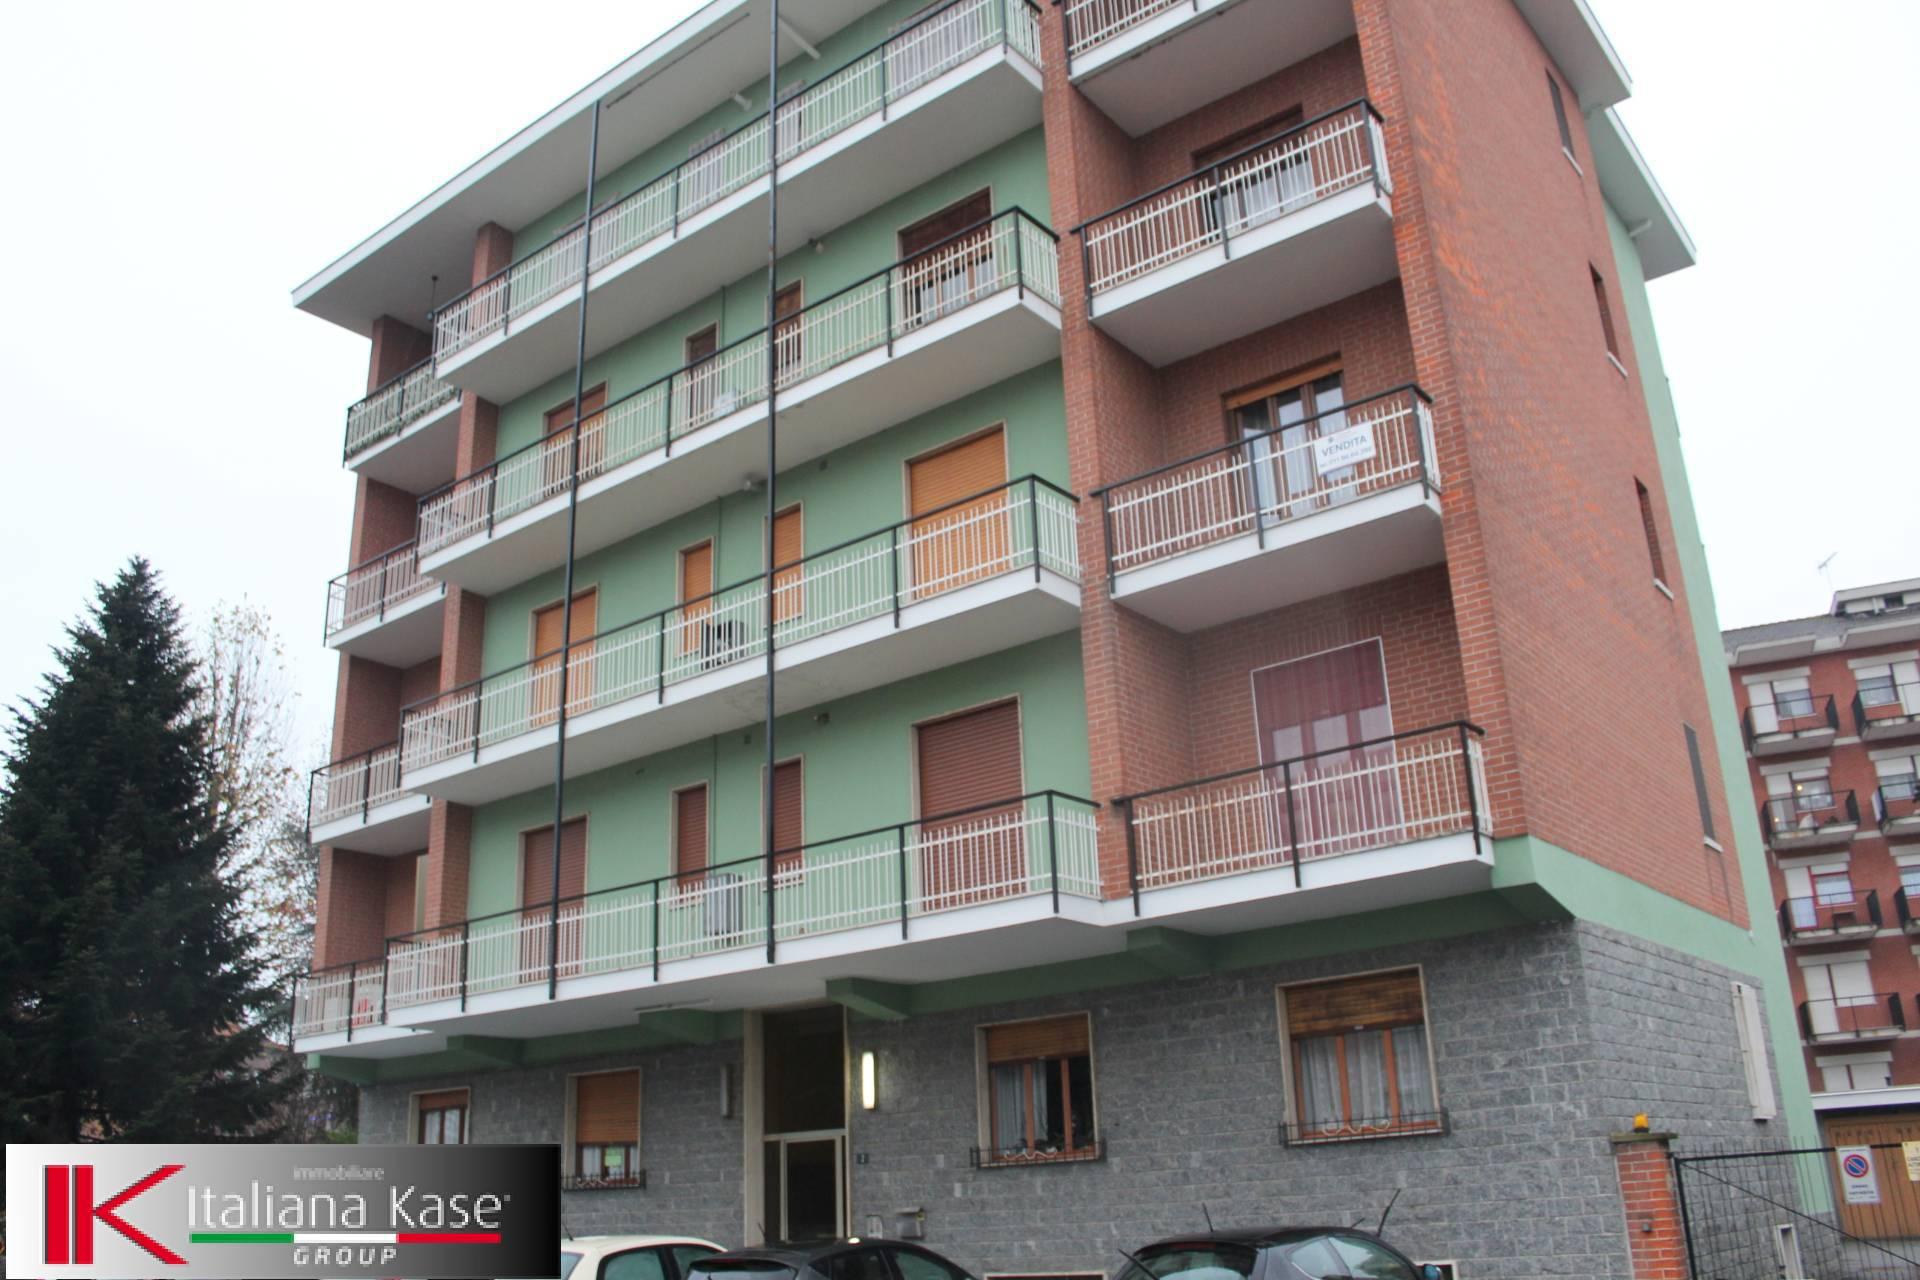 Appartamento in vendita a Airasca, 5 locali, prezzo € 125.000 | CambioCasa.it